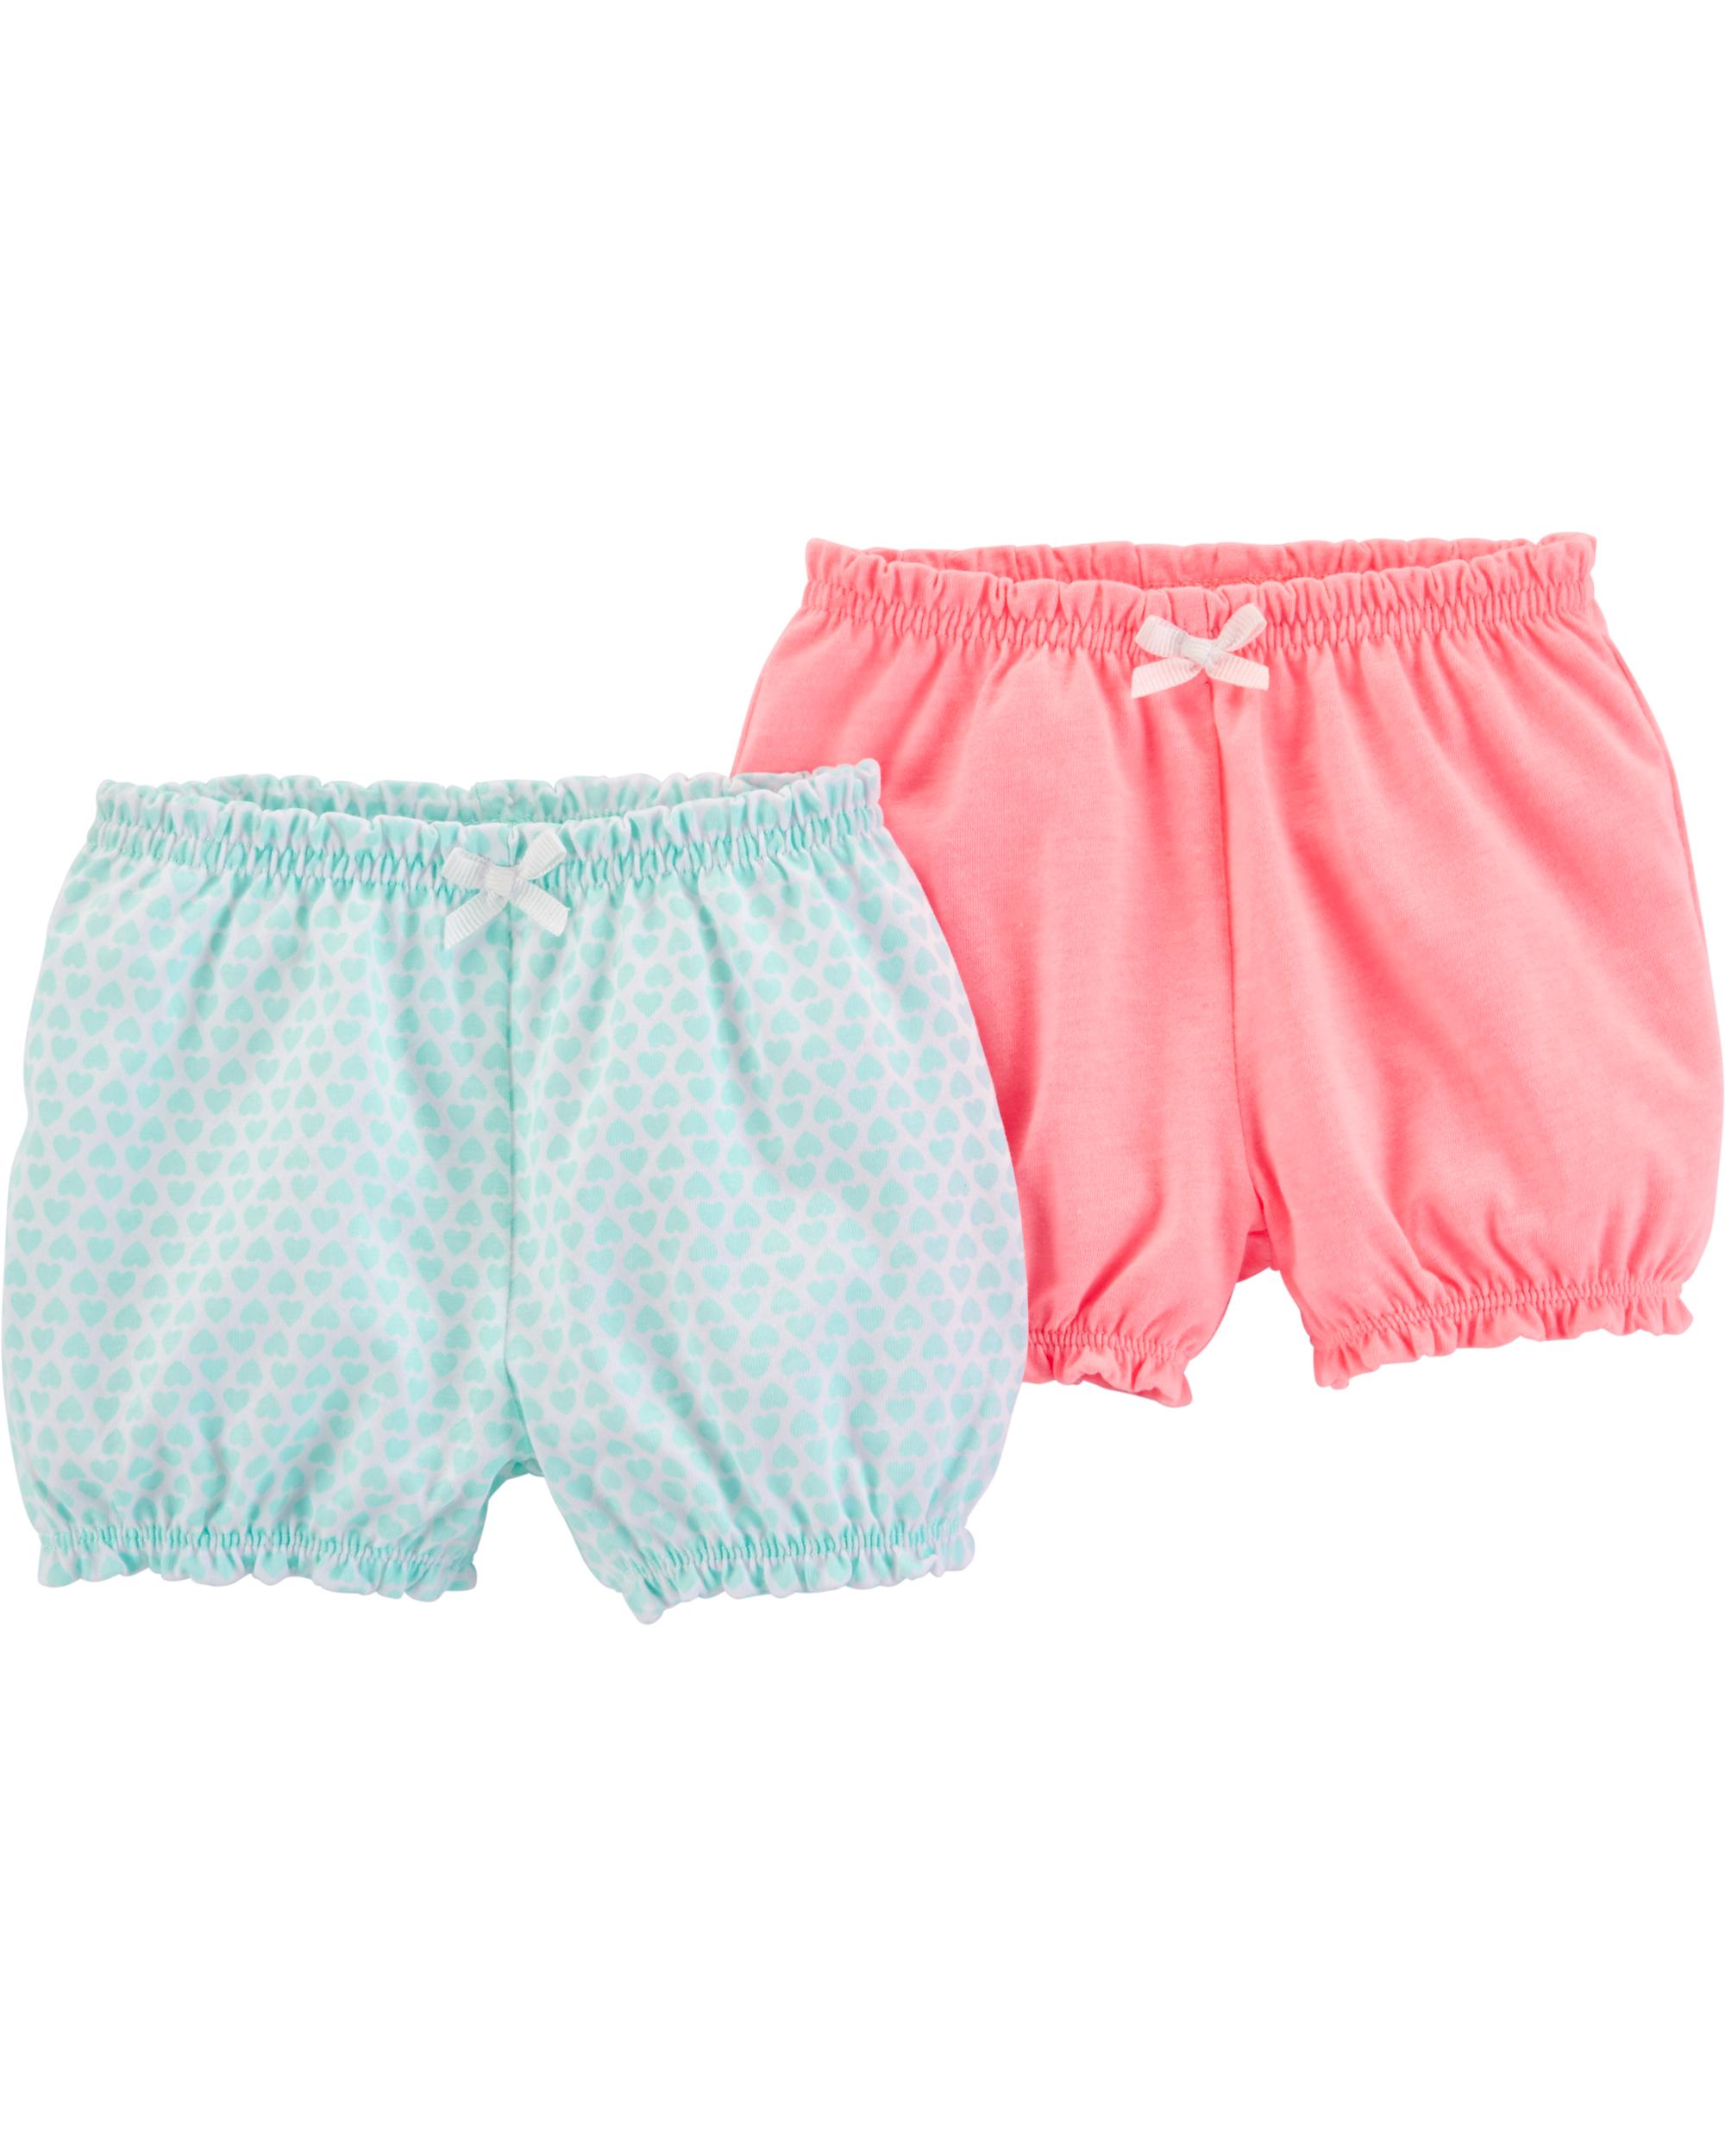 זוג מכנסיים קצרים פסטל